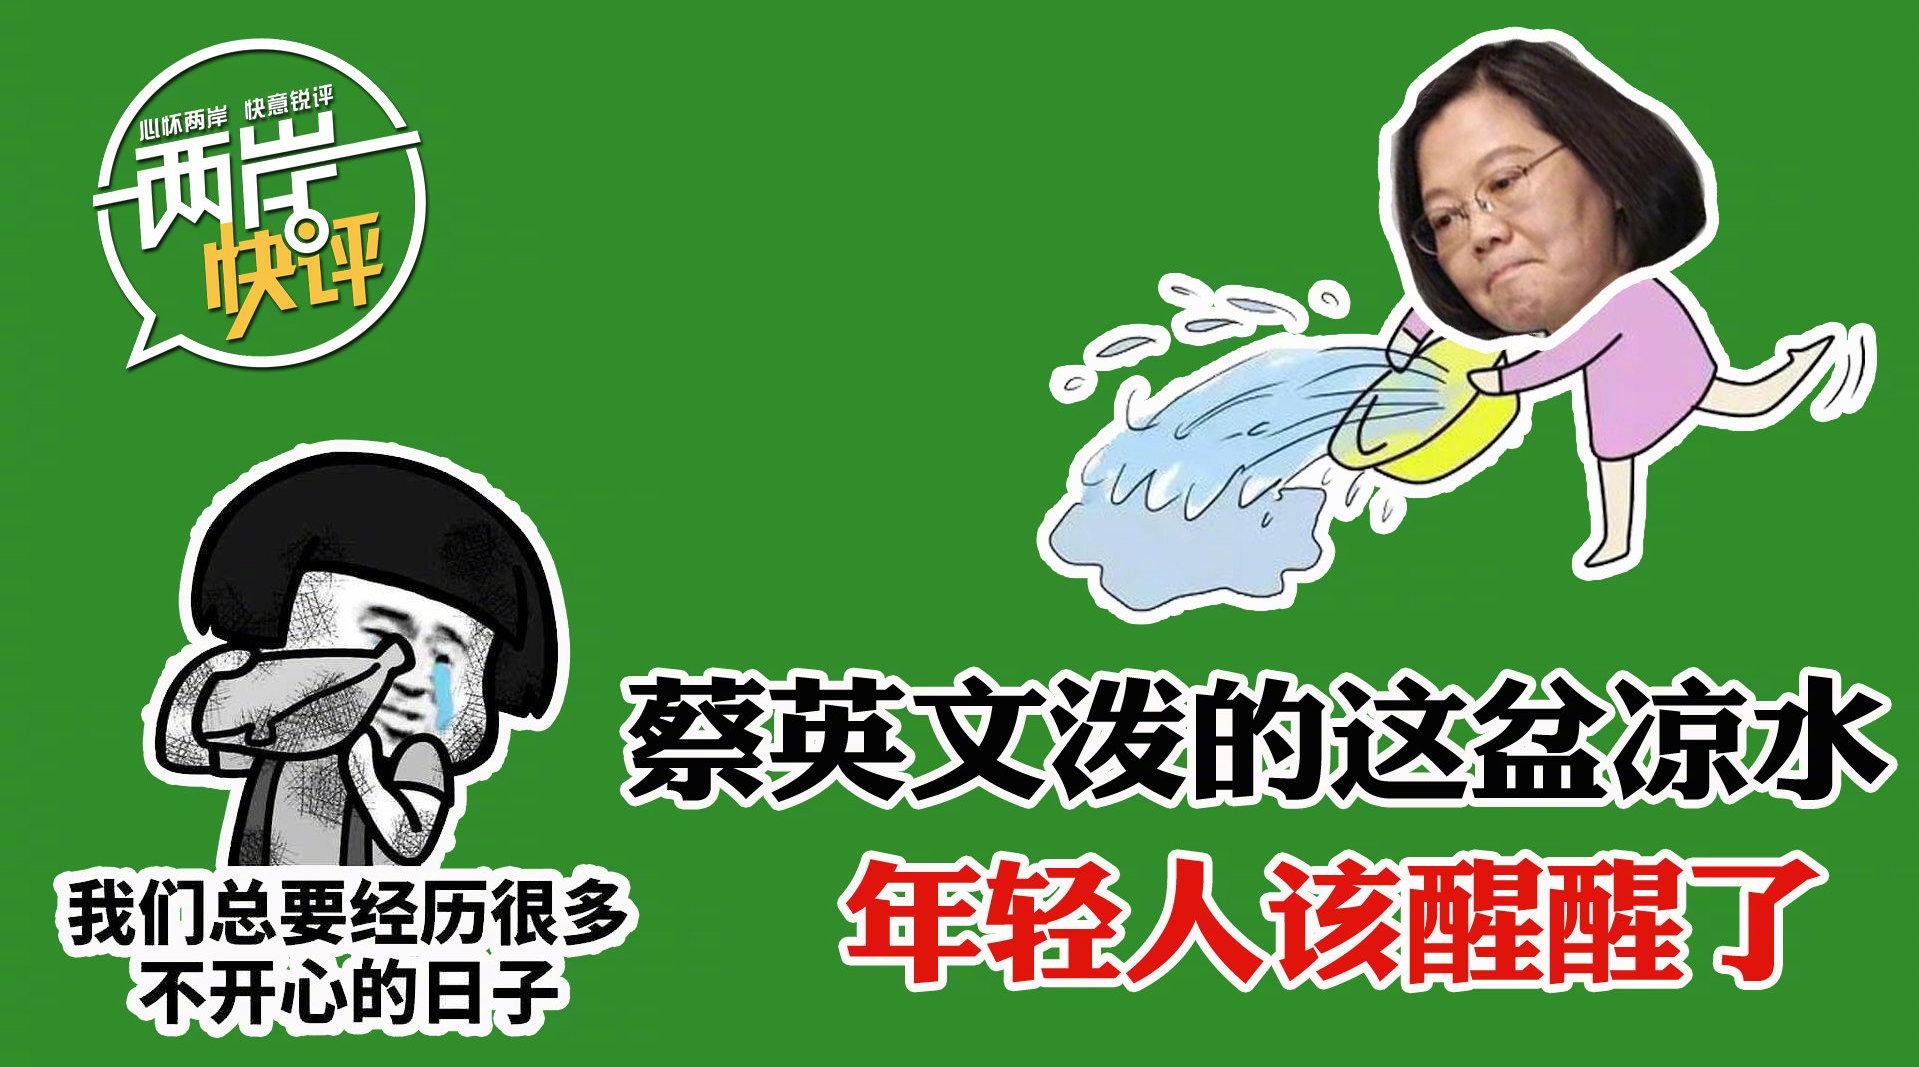 台湾地区选举刚刚结束,台湾青年凭着激情投出的票选得到了回报